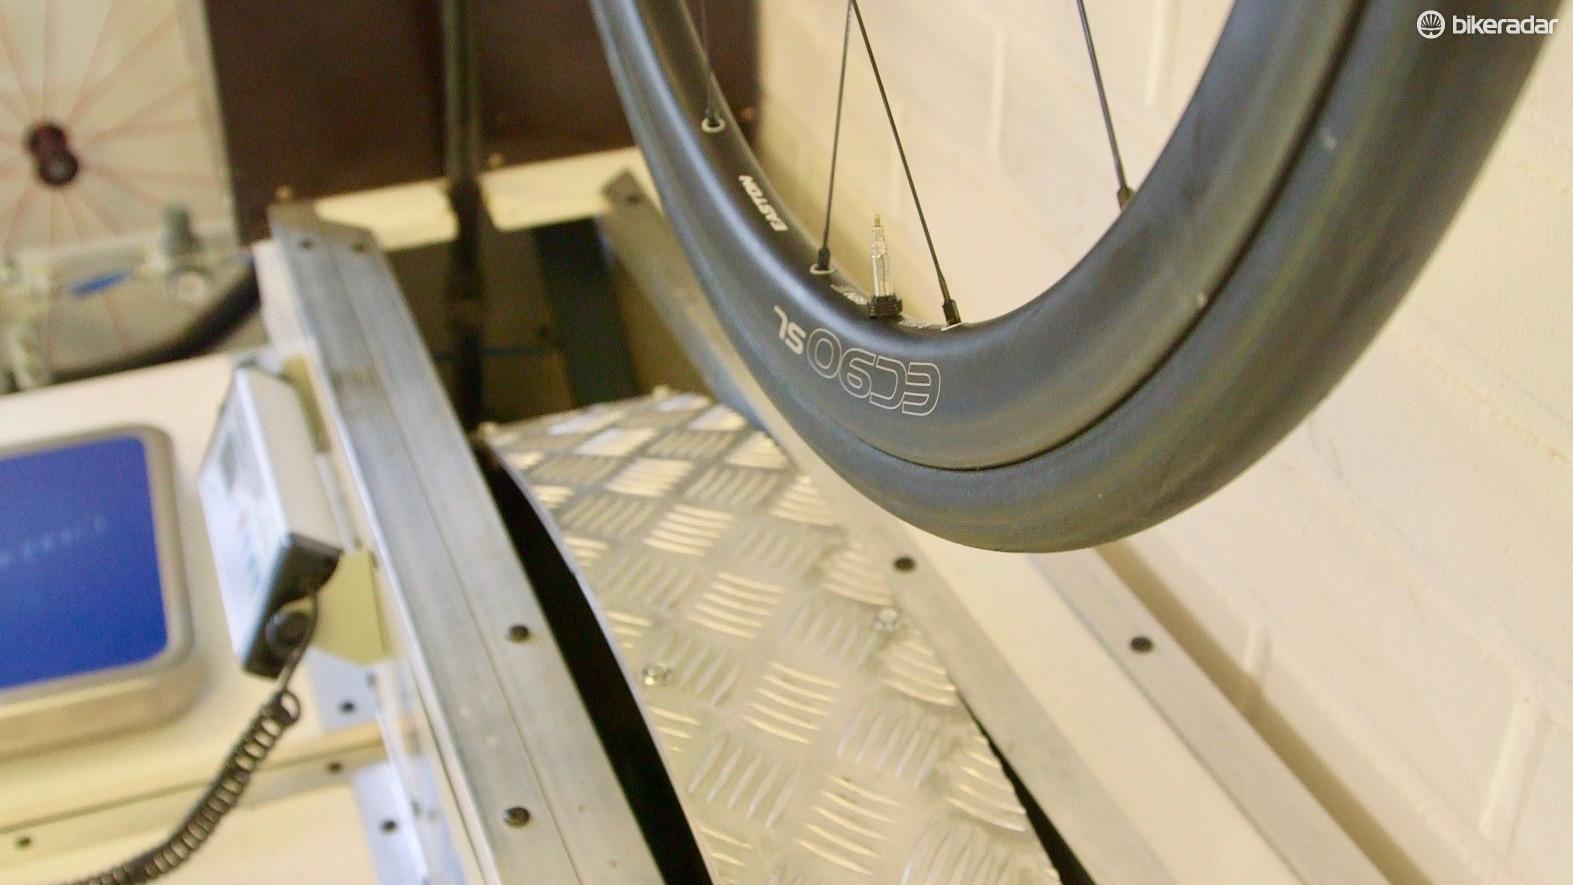 road-tire-test-4-1486070698656-1n2ldqf898dki-f3d34bf